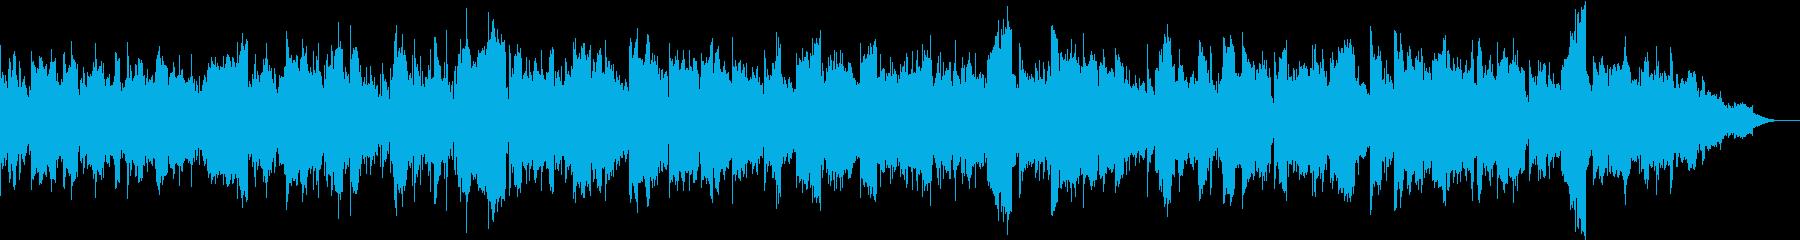 カノンコードと二胡を使った曲の再生済みの波形